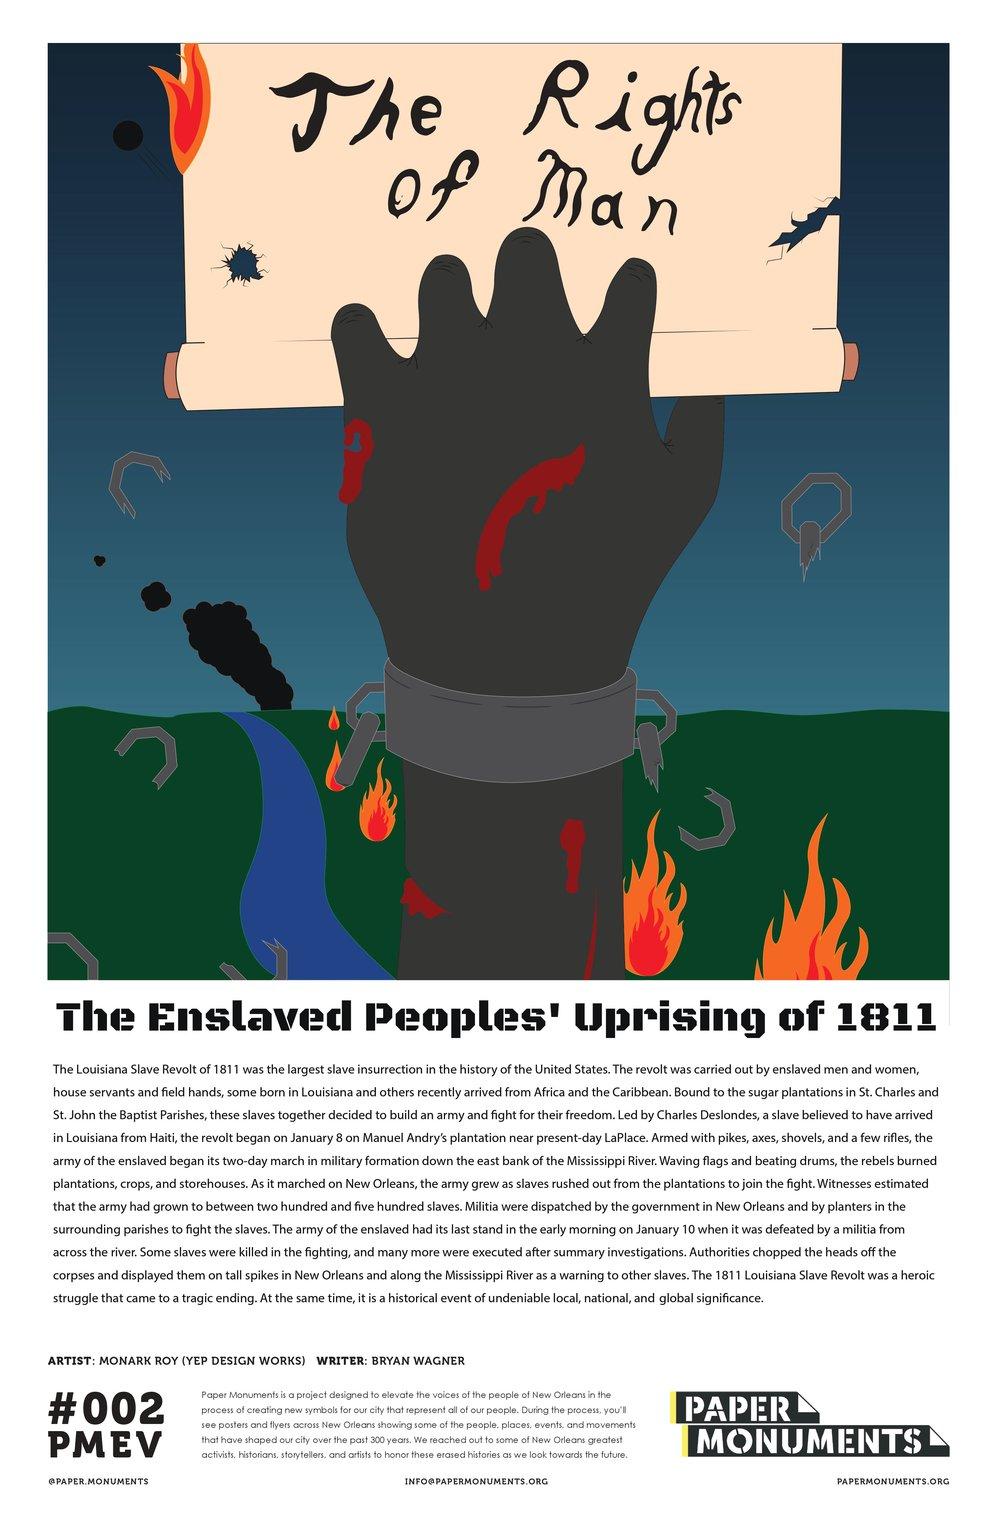 Enslaved People's Uprising of 1811